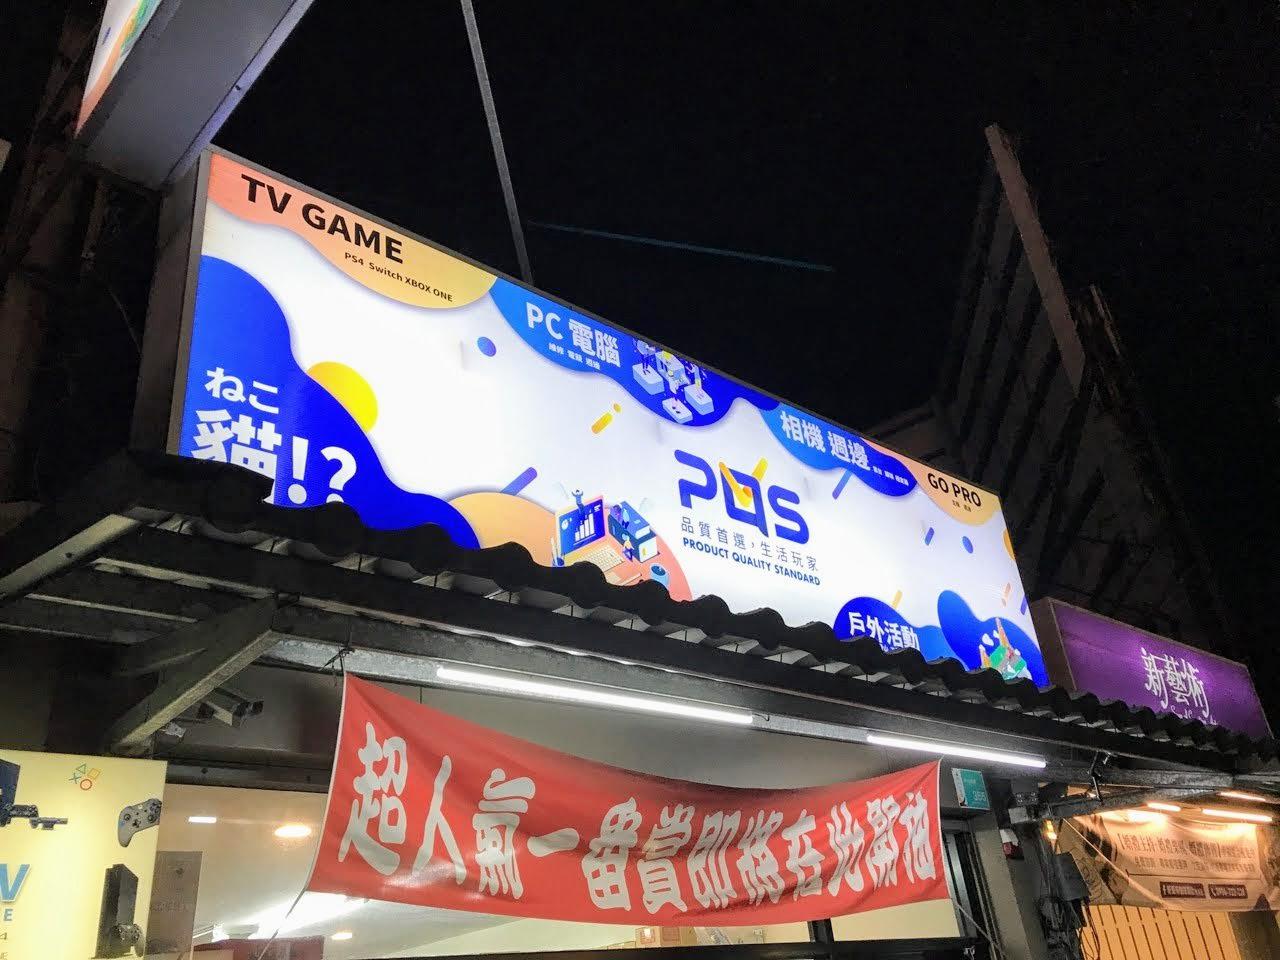 【台南 永康】PQS STORE 台南自媒體彈藥庫 台南GOPRO9現貨 台南直播周邊推薦